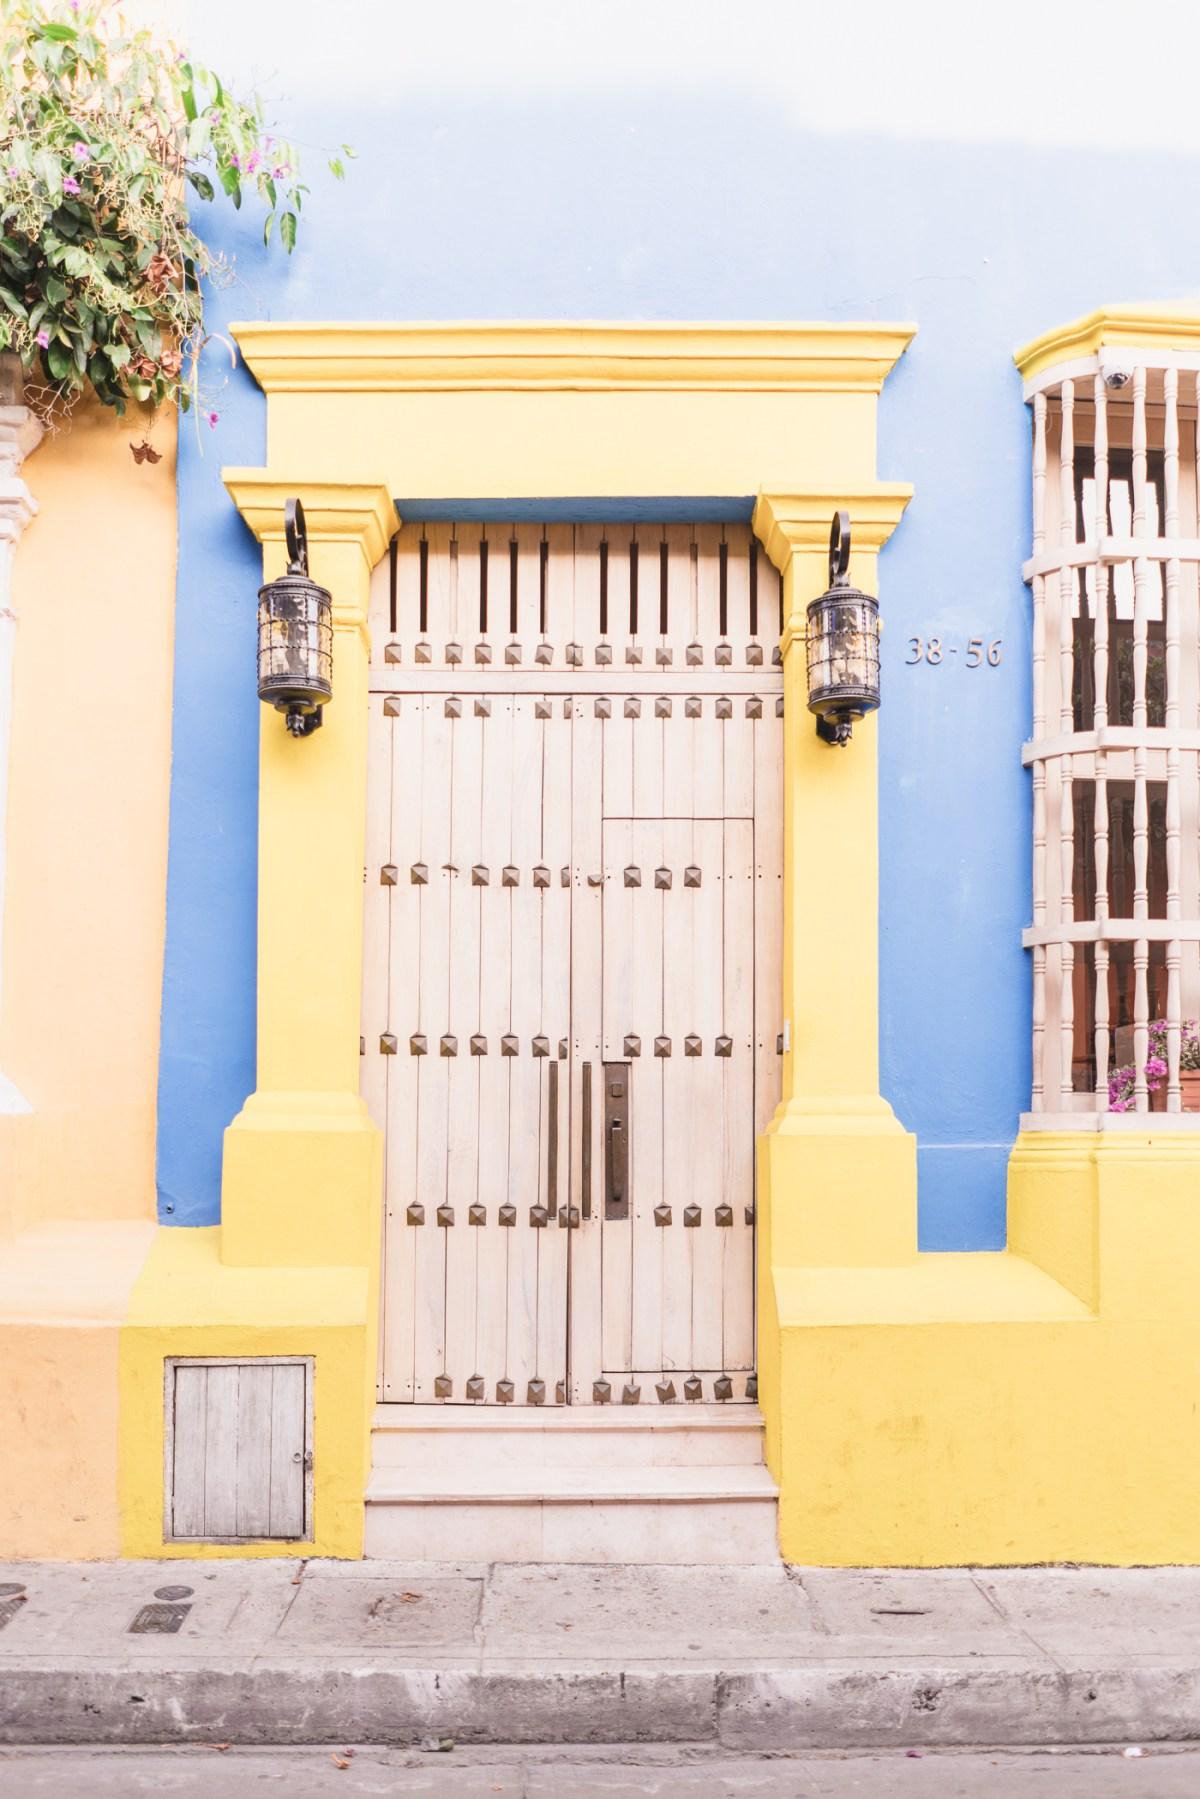 Traveling to Cartagena